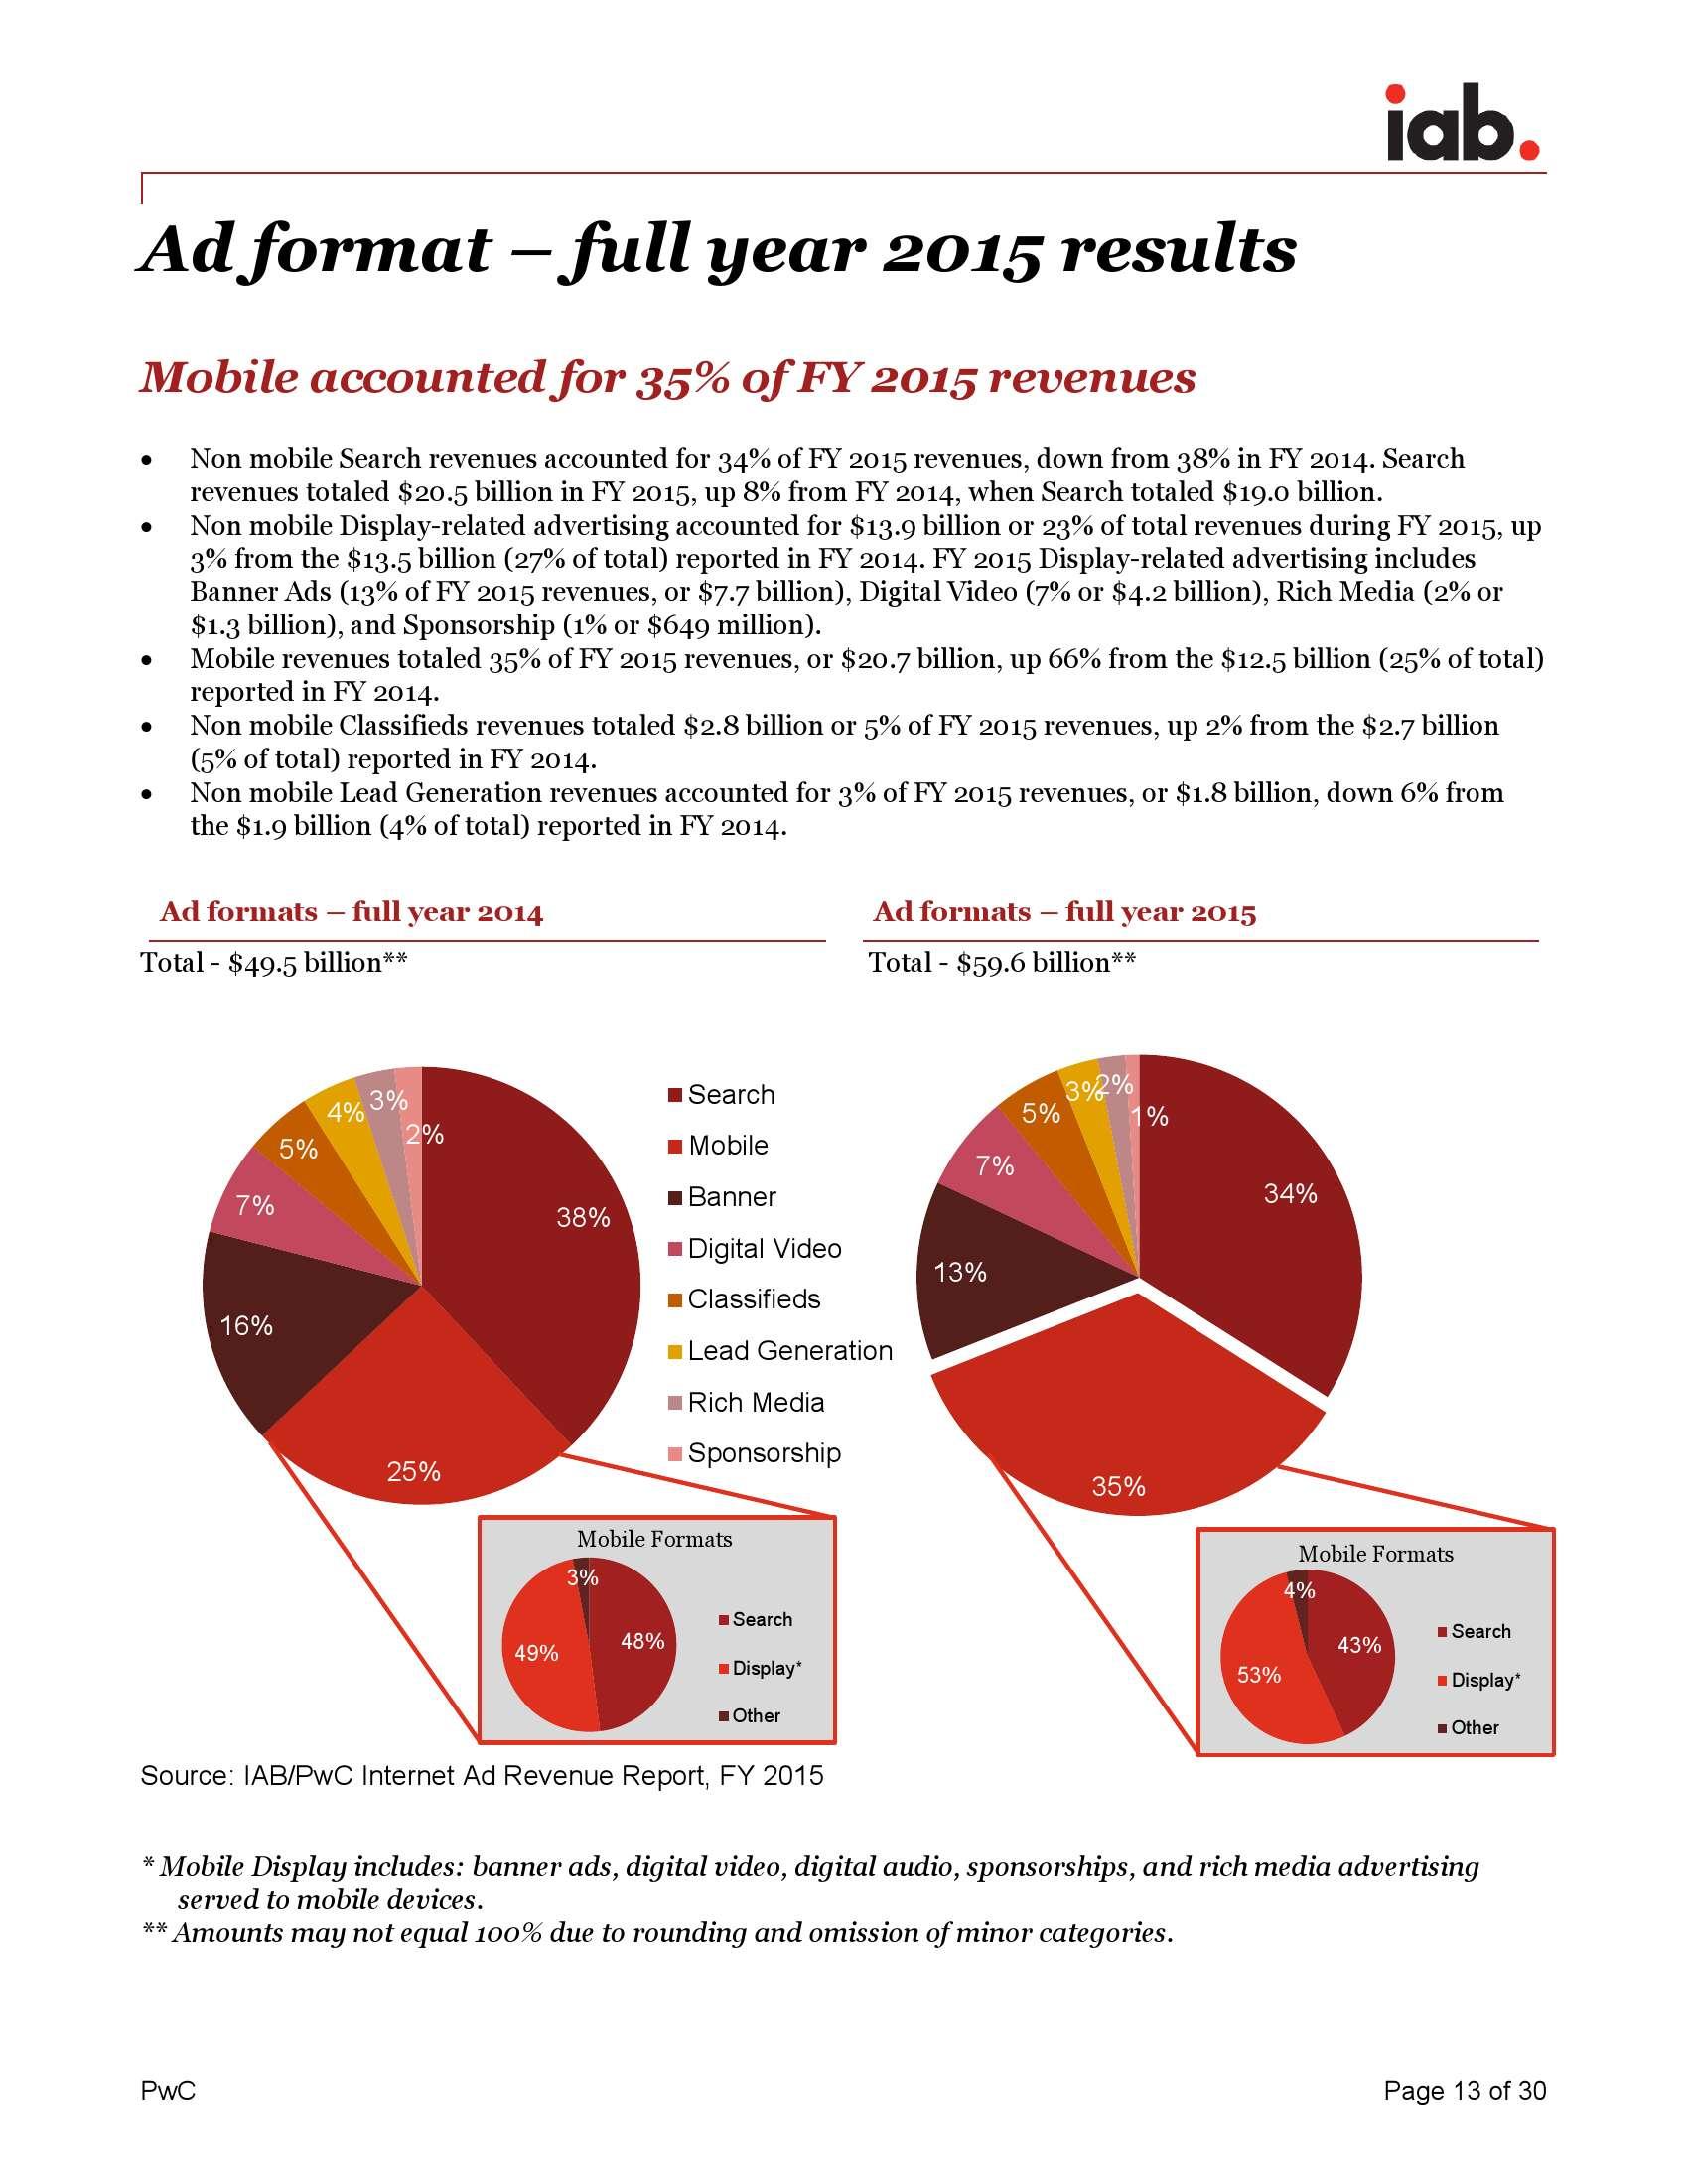 《IAB 互联网广告收入报告》_000013